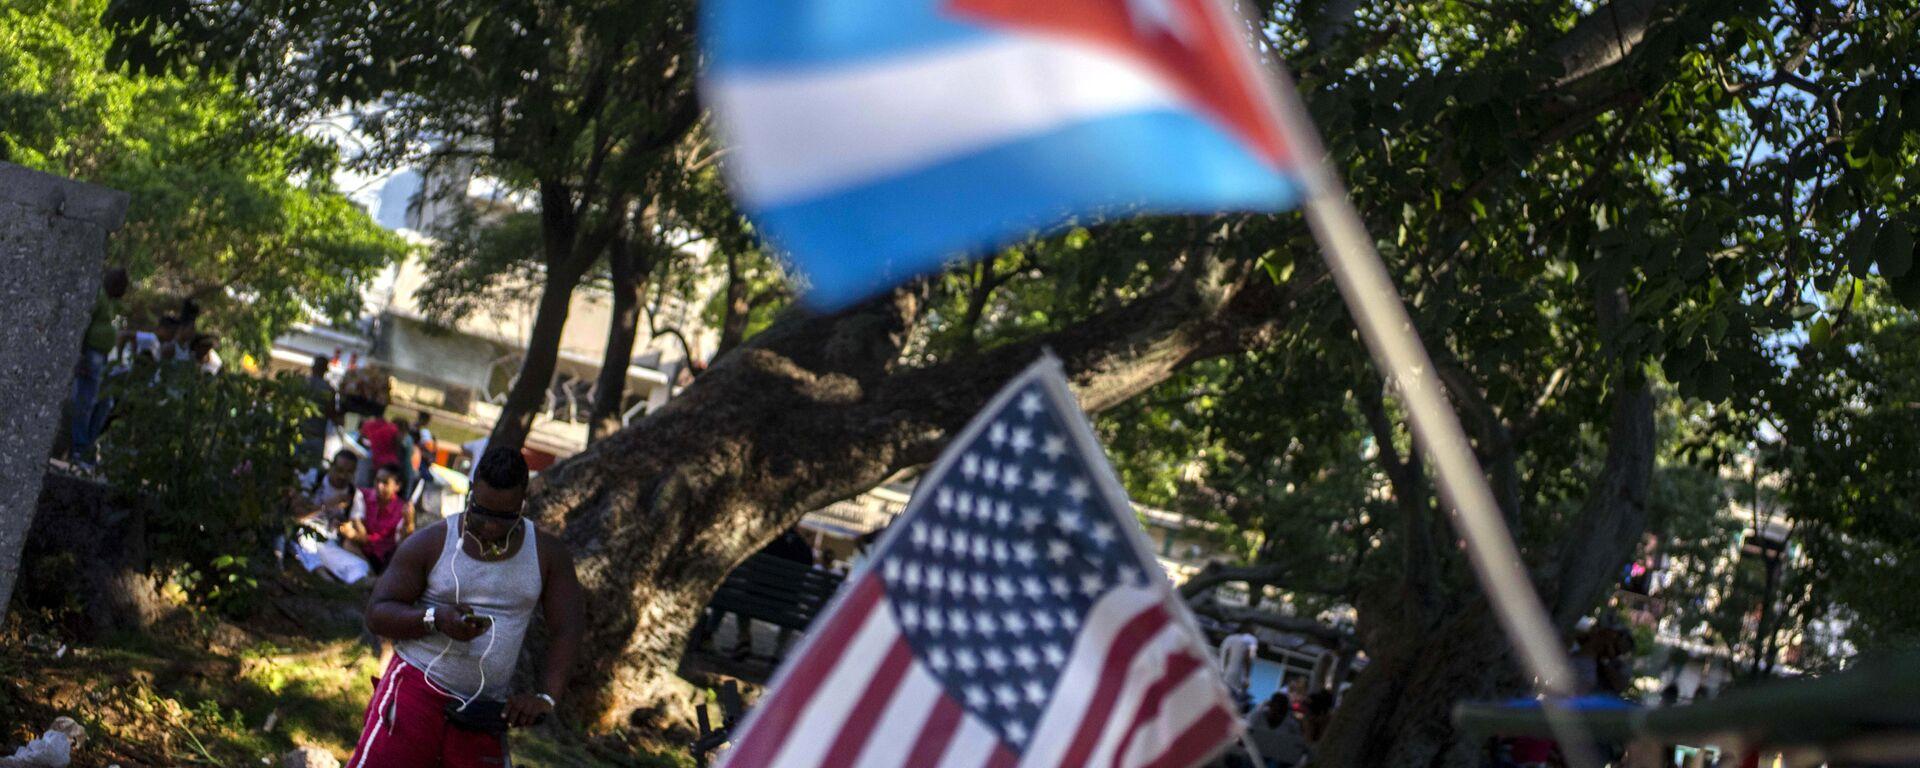 Las banderas de Cuba y EEUU (archivo) - Sputnik Mundo, 1920, 20.01.2021